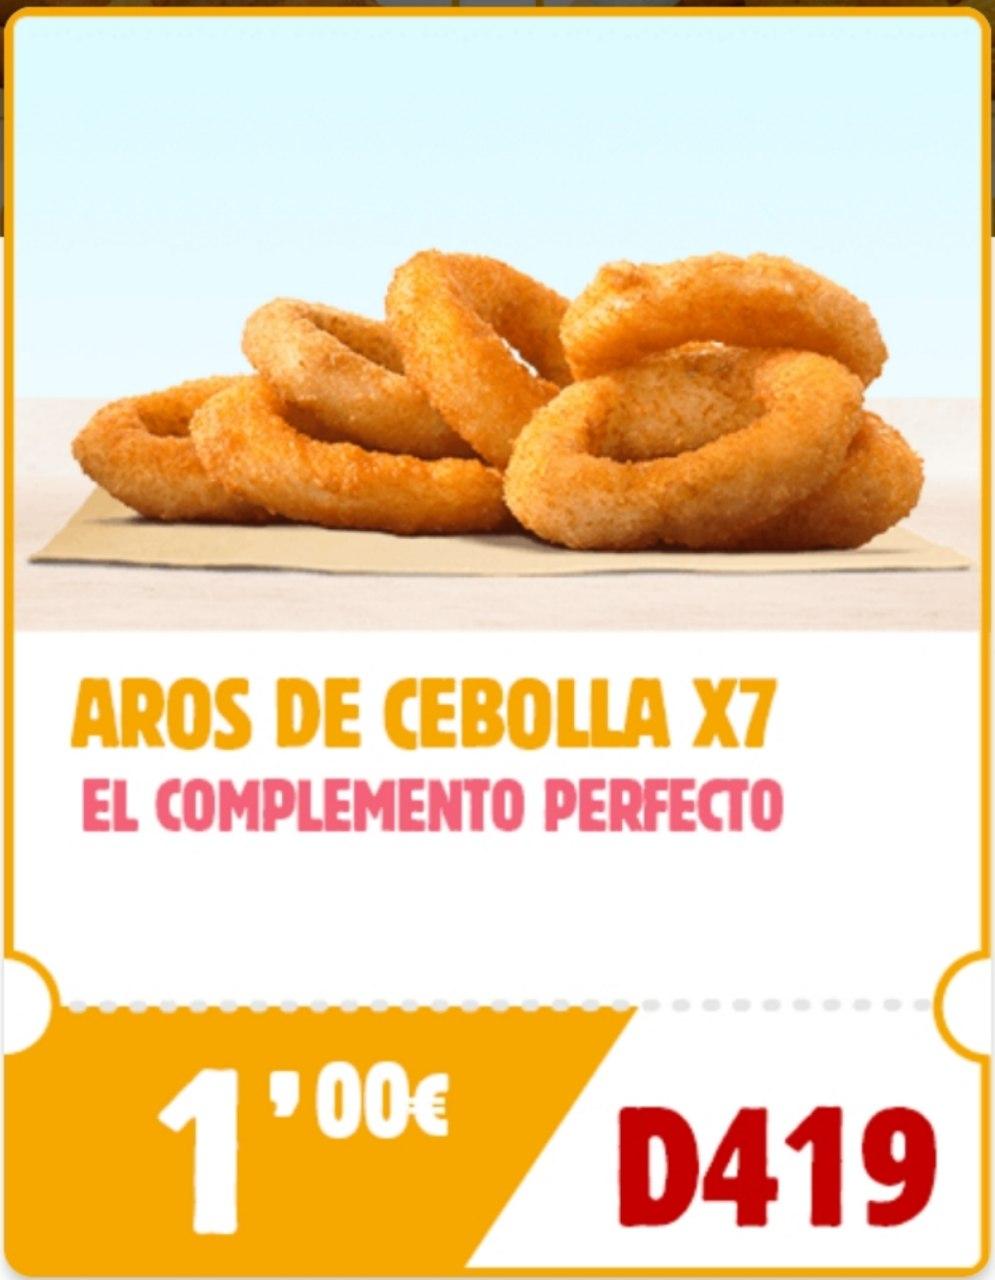 7 aros de cebolla a 1€